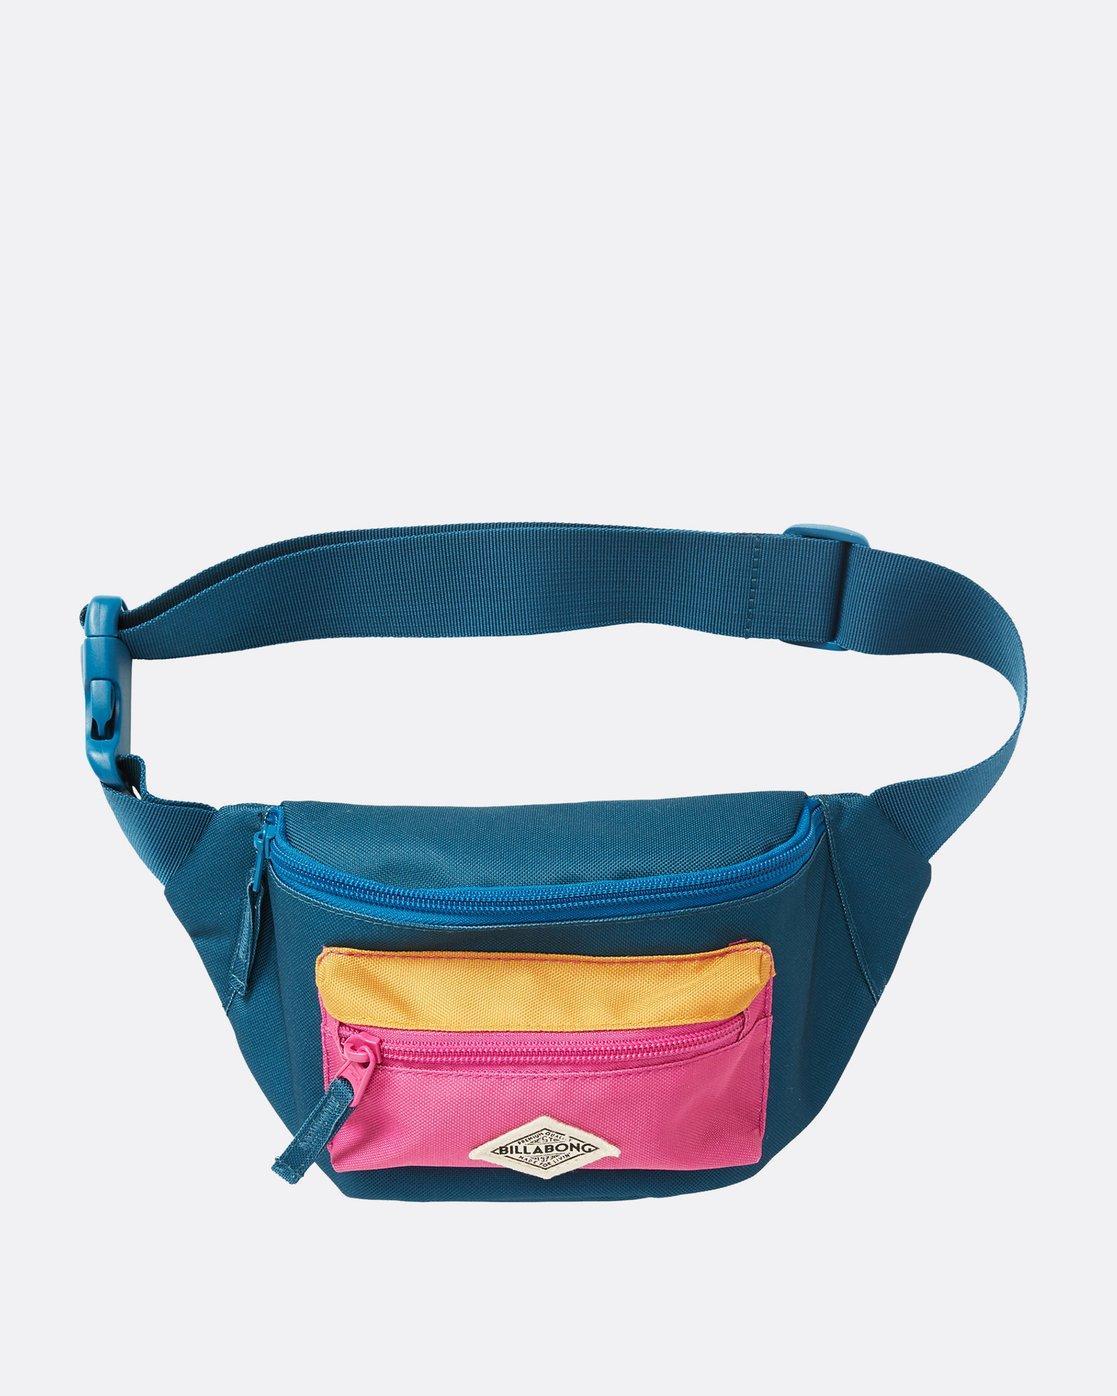 de3172b3530ba Lyst - Billabong Zip It Waist Pack